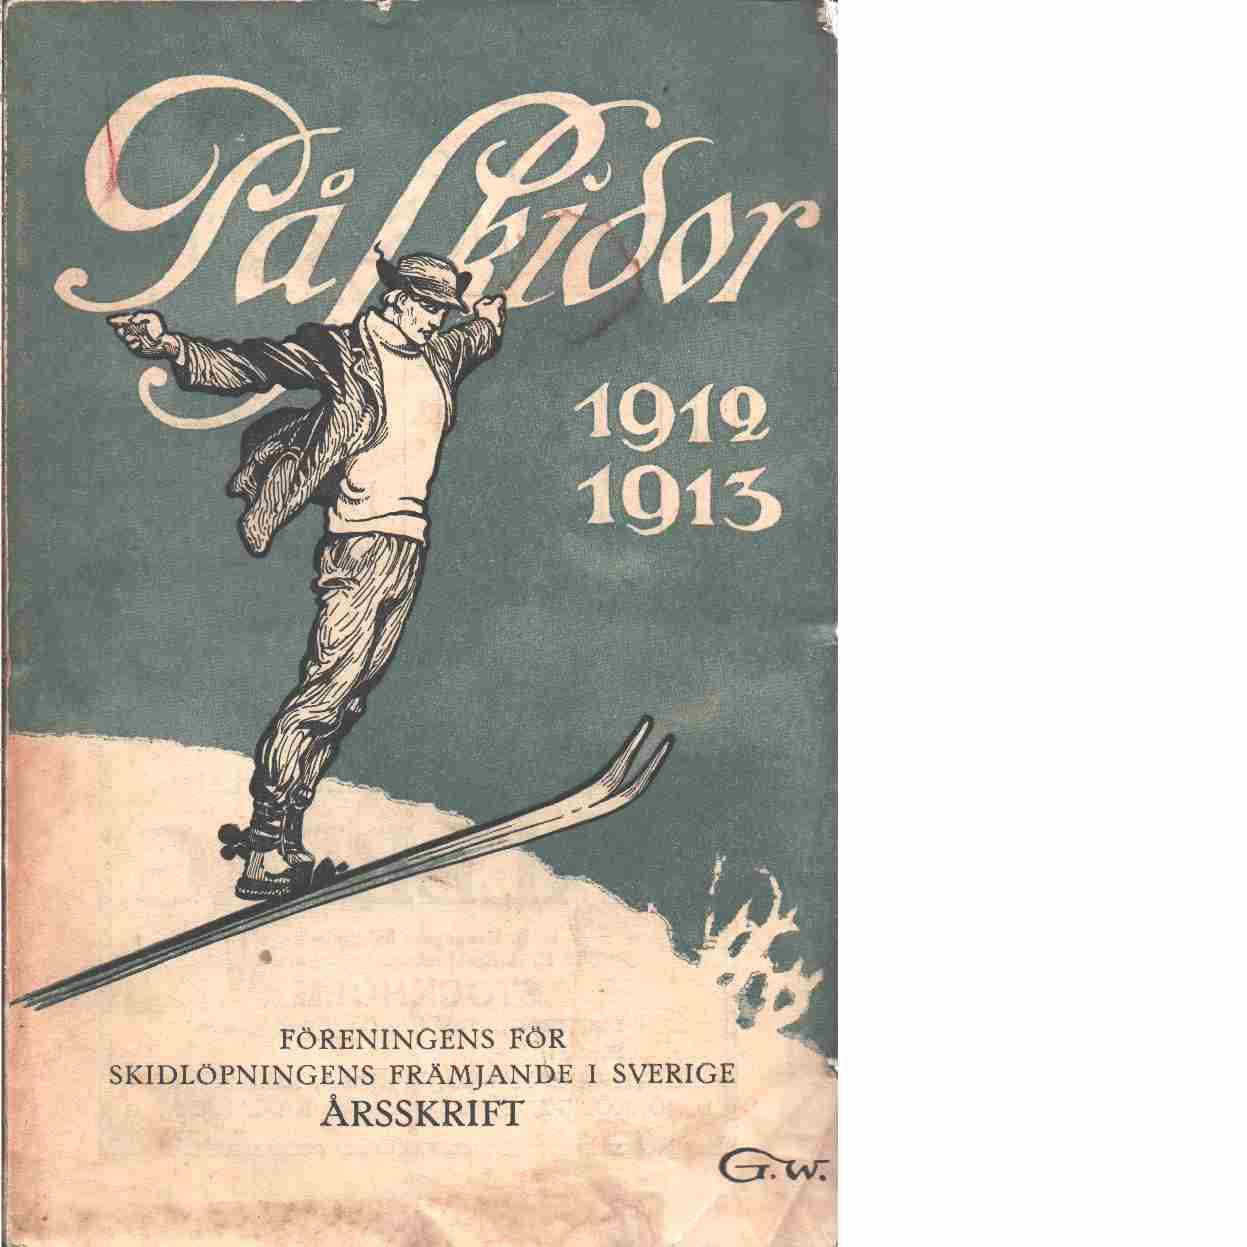 På skidor : Skid- och friluftsfrämjandets årsbok. Årsbok 1912-1913 - Skid- och friluftsfrämjandet